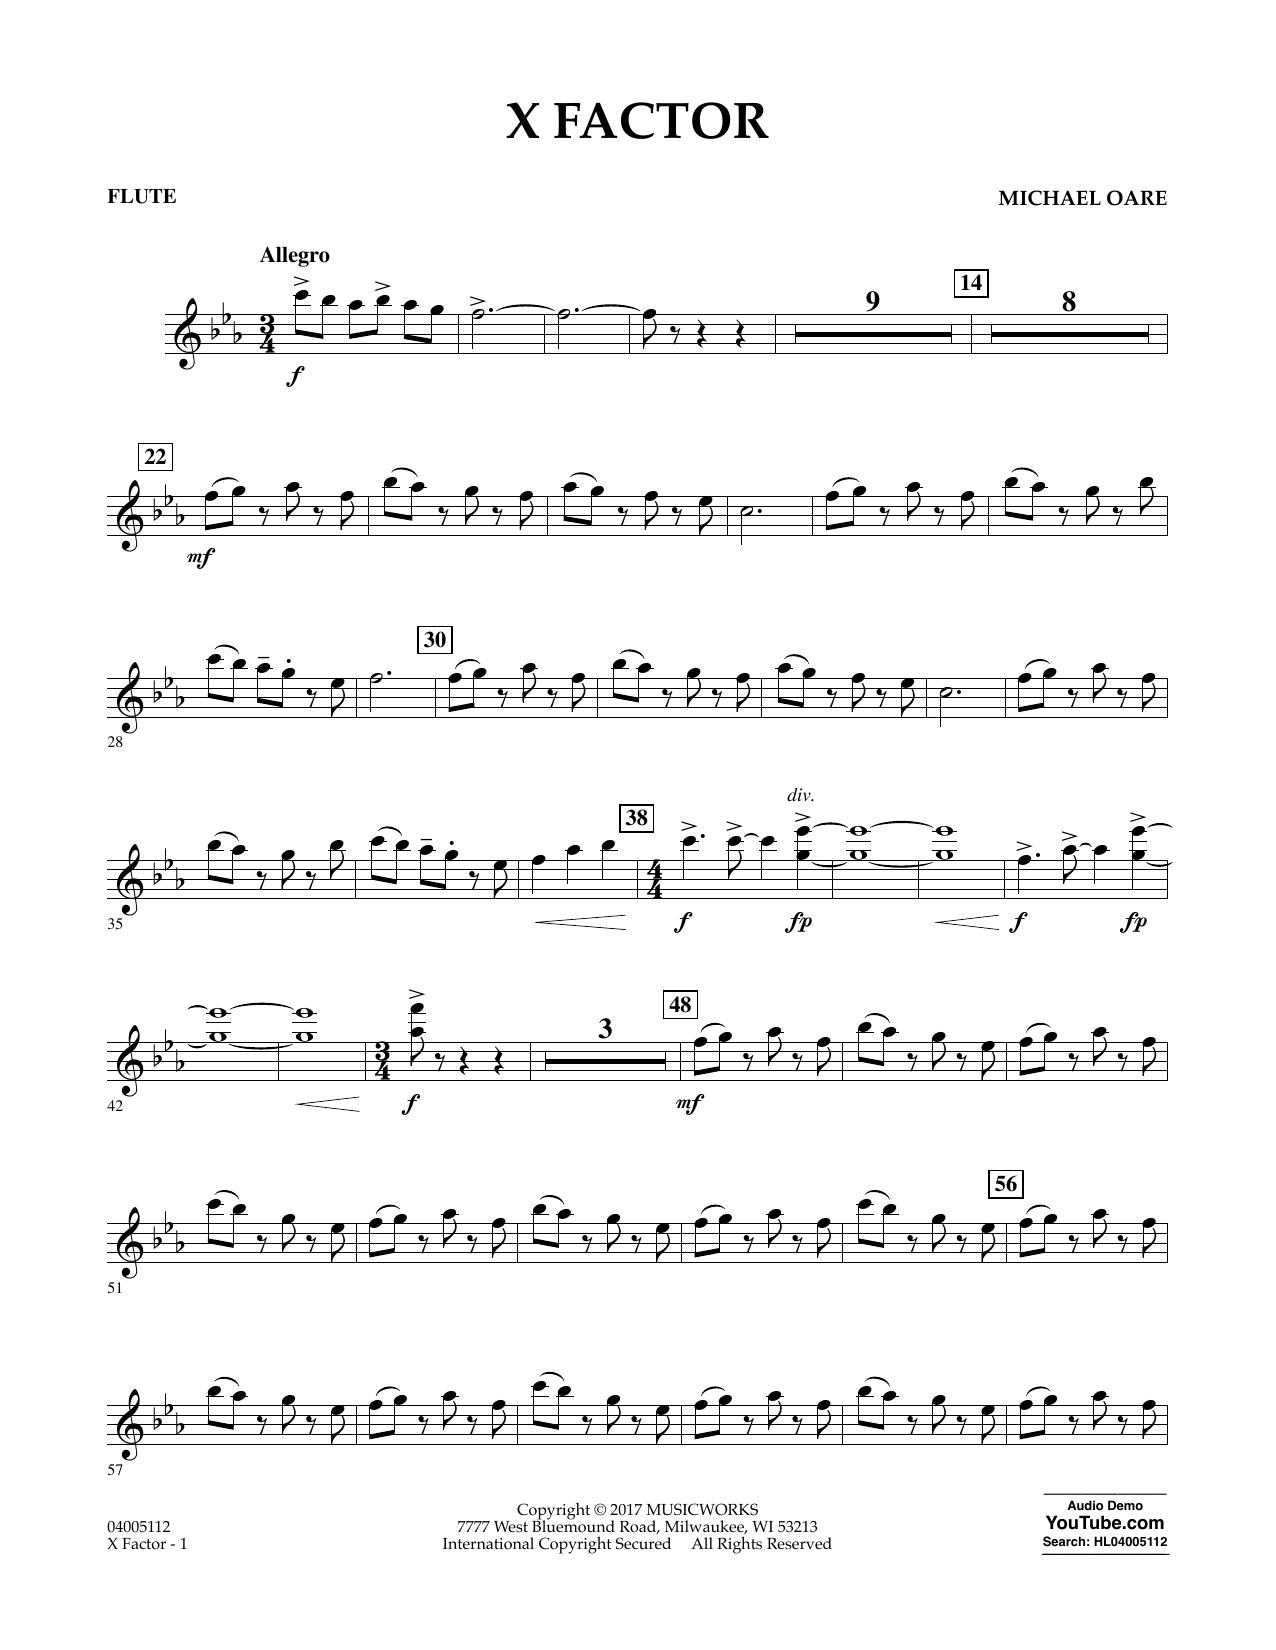 X Factor - Flute Sheet Music